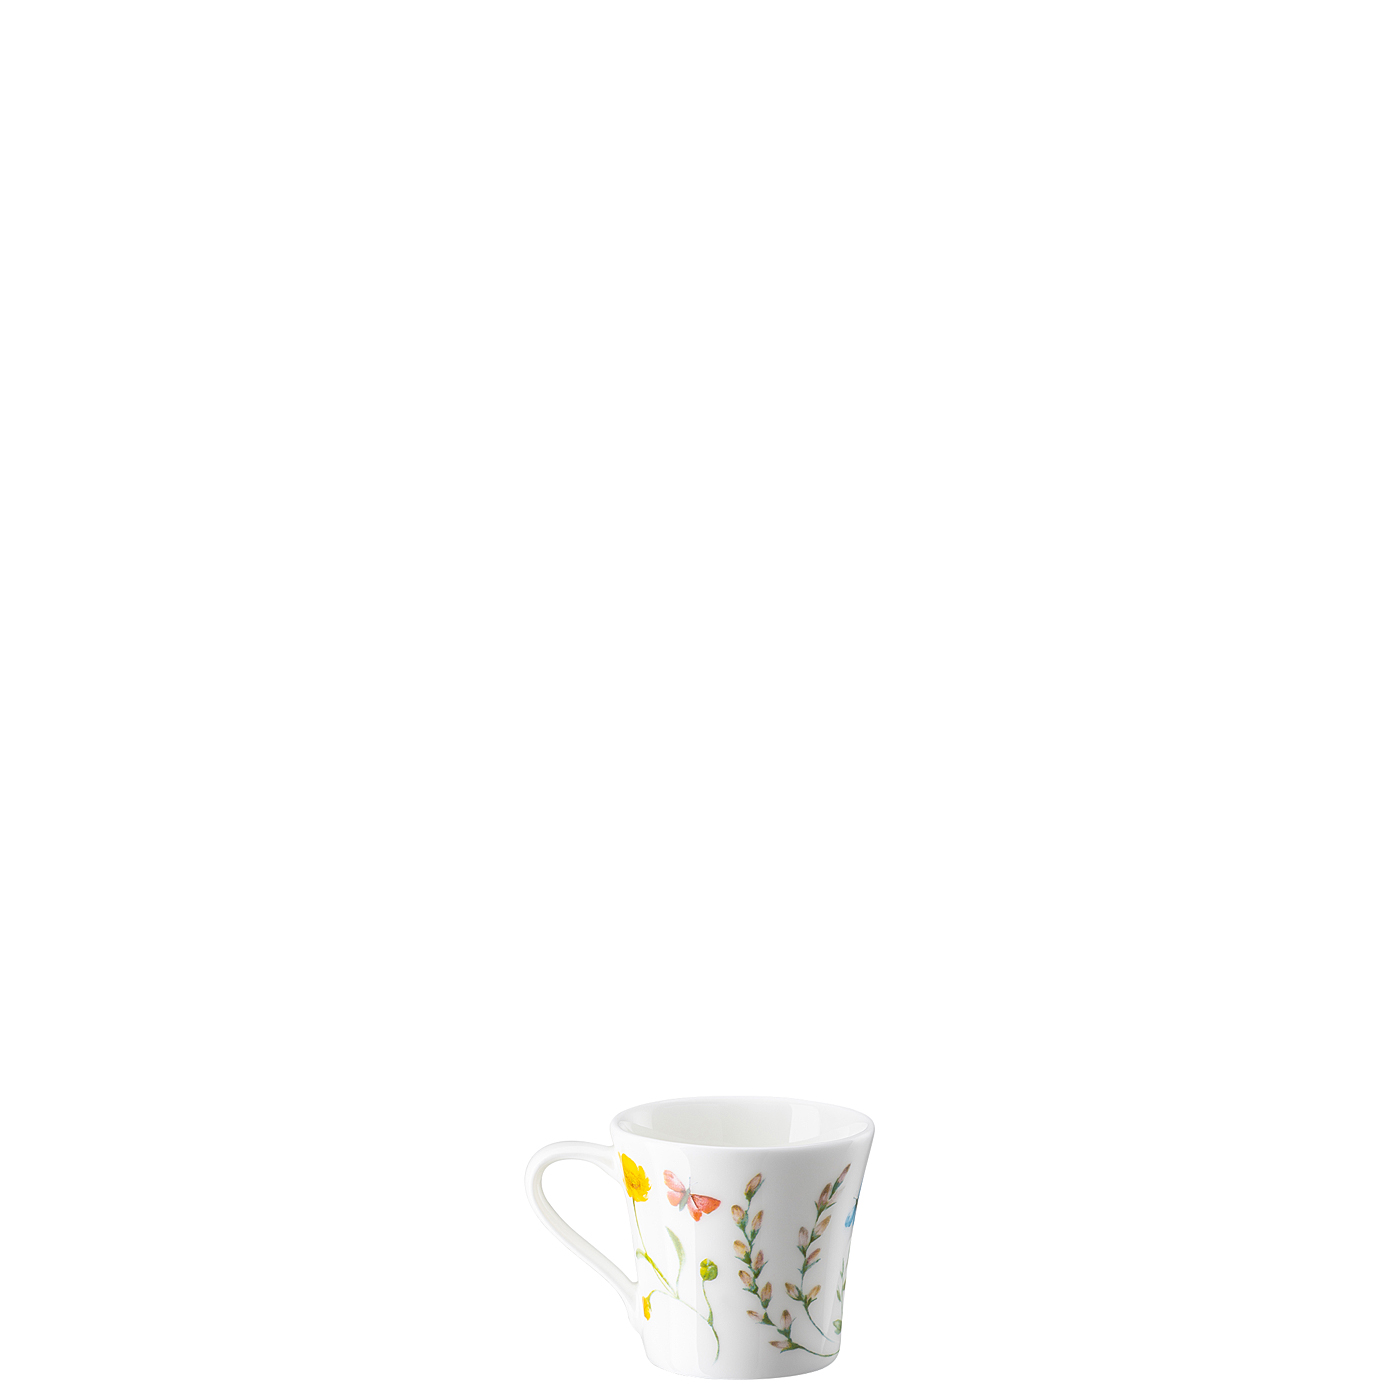 Espresso-Obertasse Nora Spring Vibes Hutschenreuther